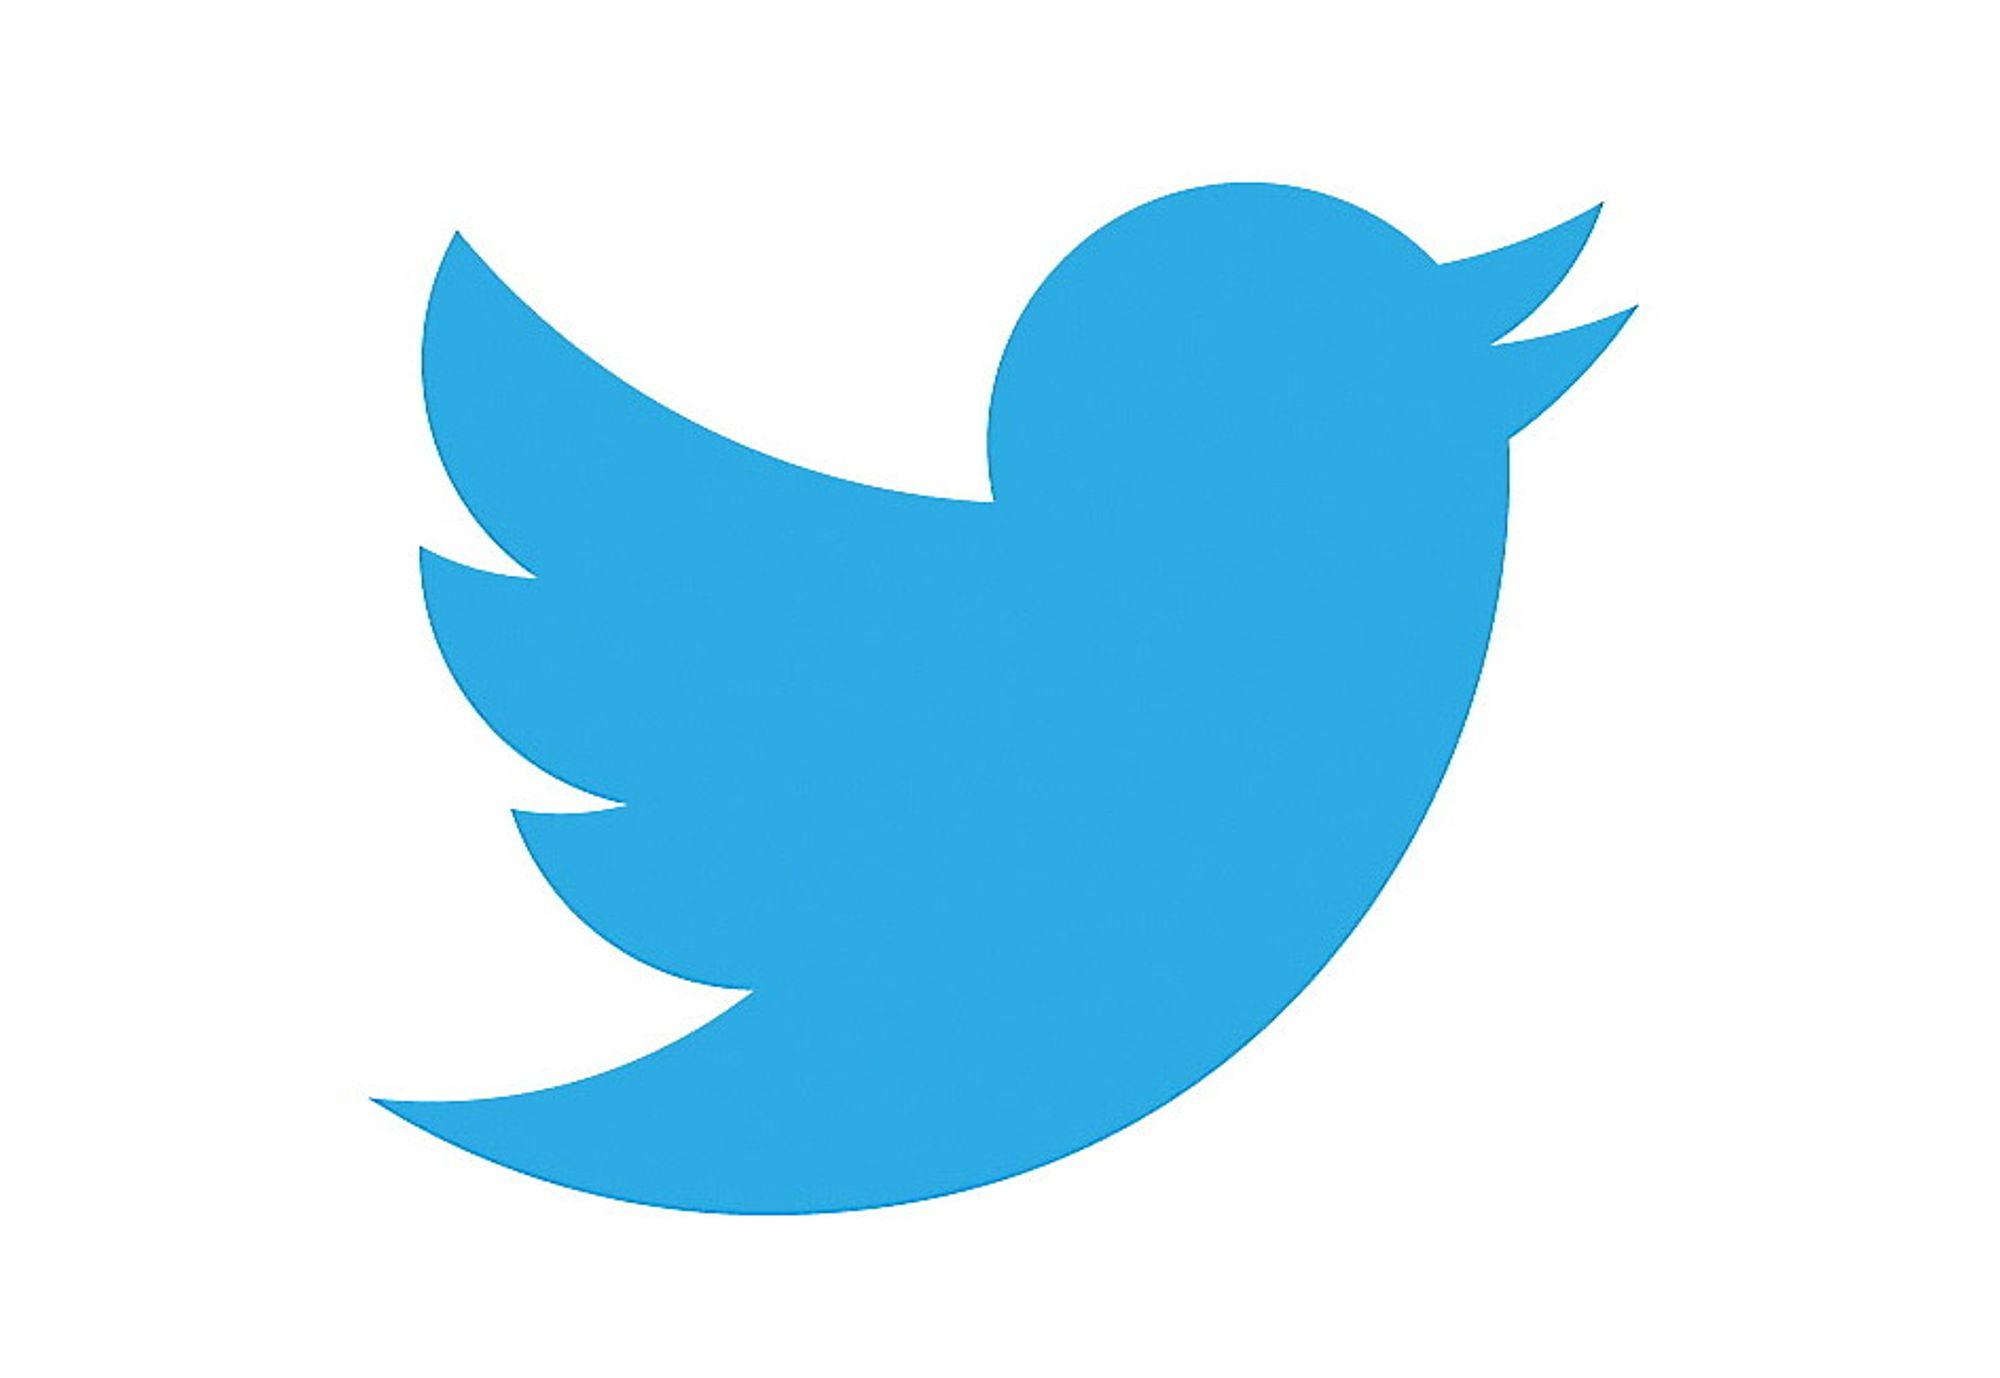 Norsk olje og gass tipser om 67 Twitter-kontoer som er verdt å følge.